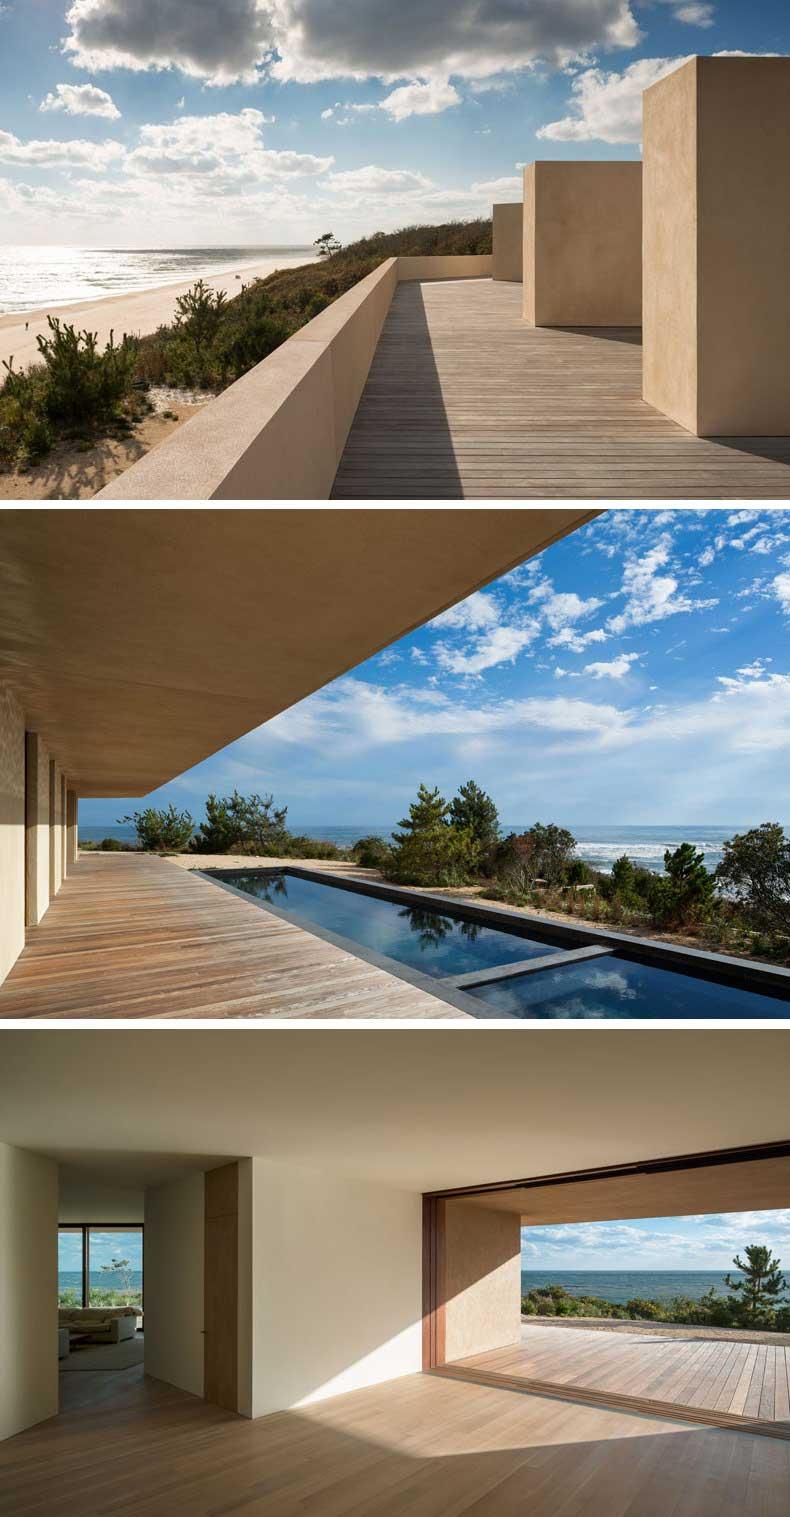 9 casas minimalistas con arquitectura y dise o de locos On diseño casas minimalistas